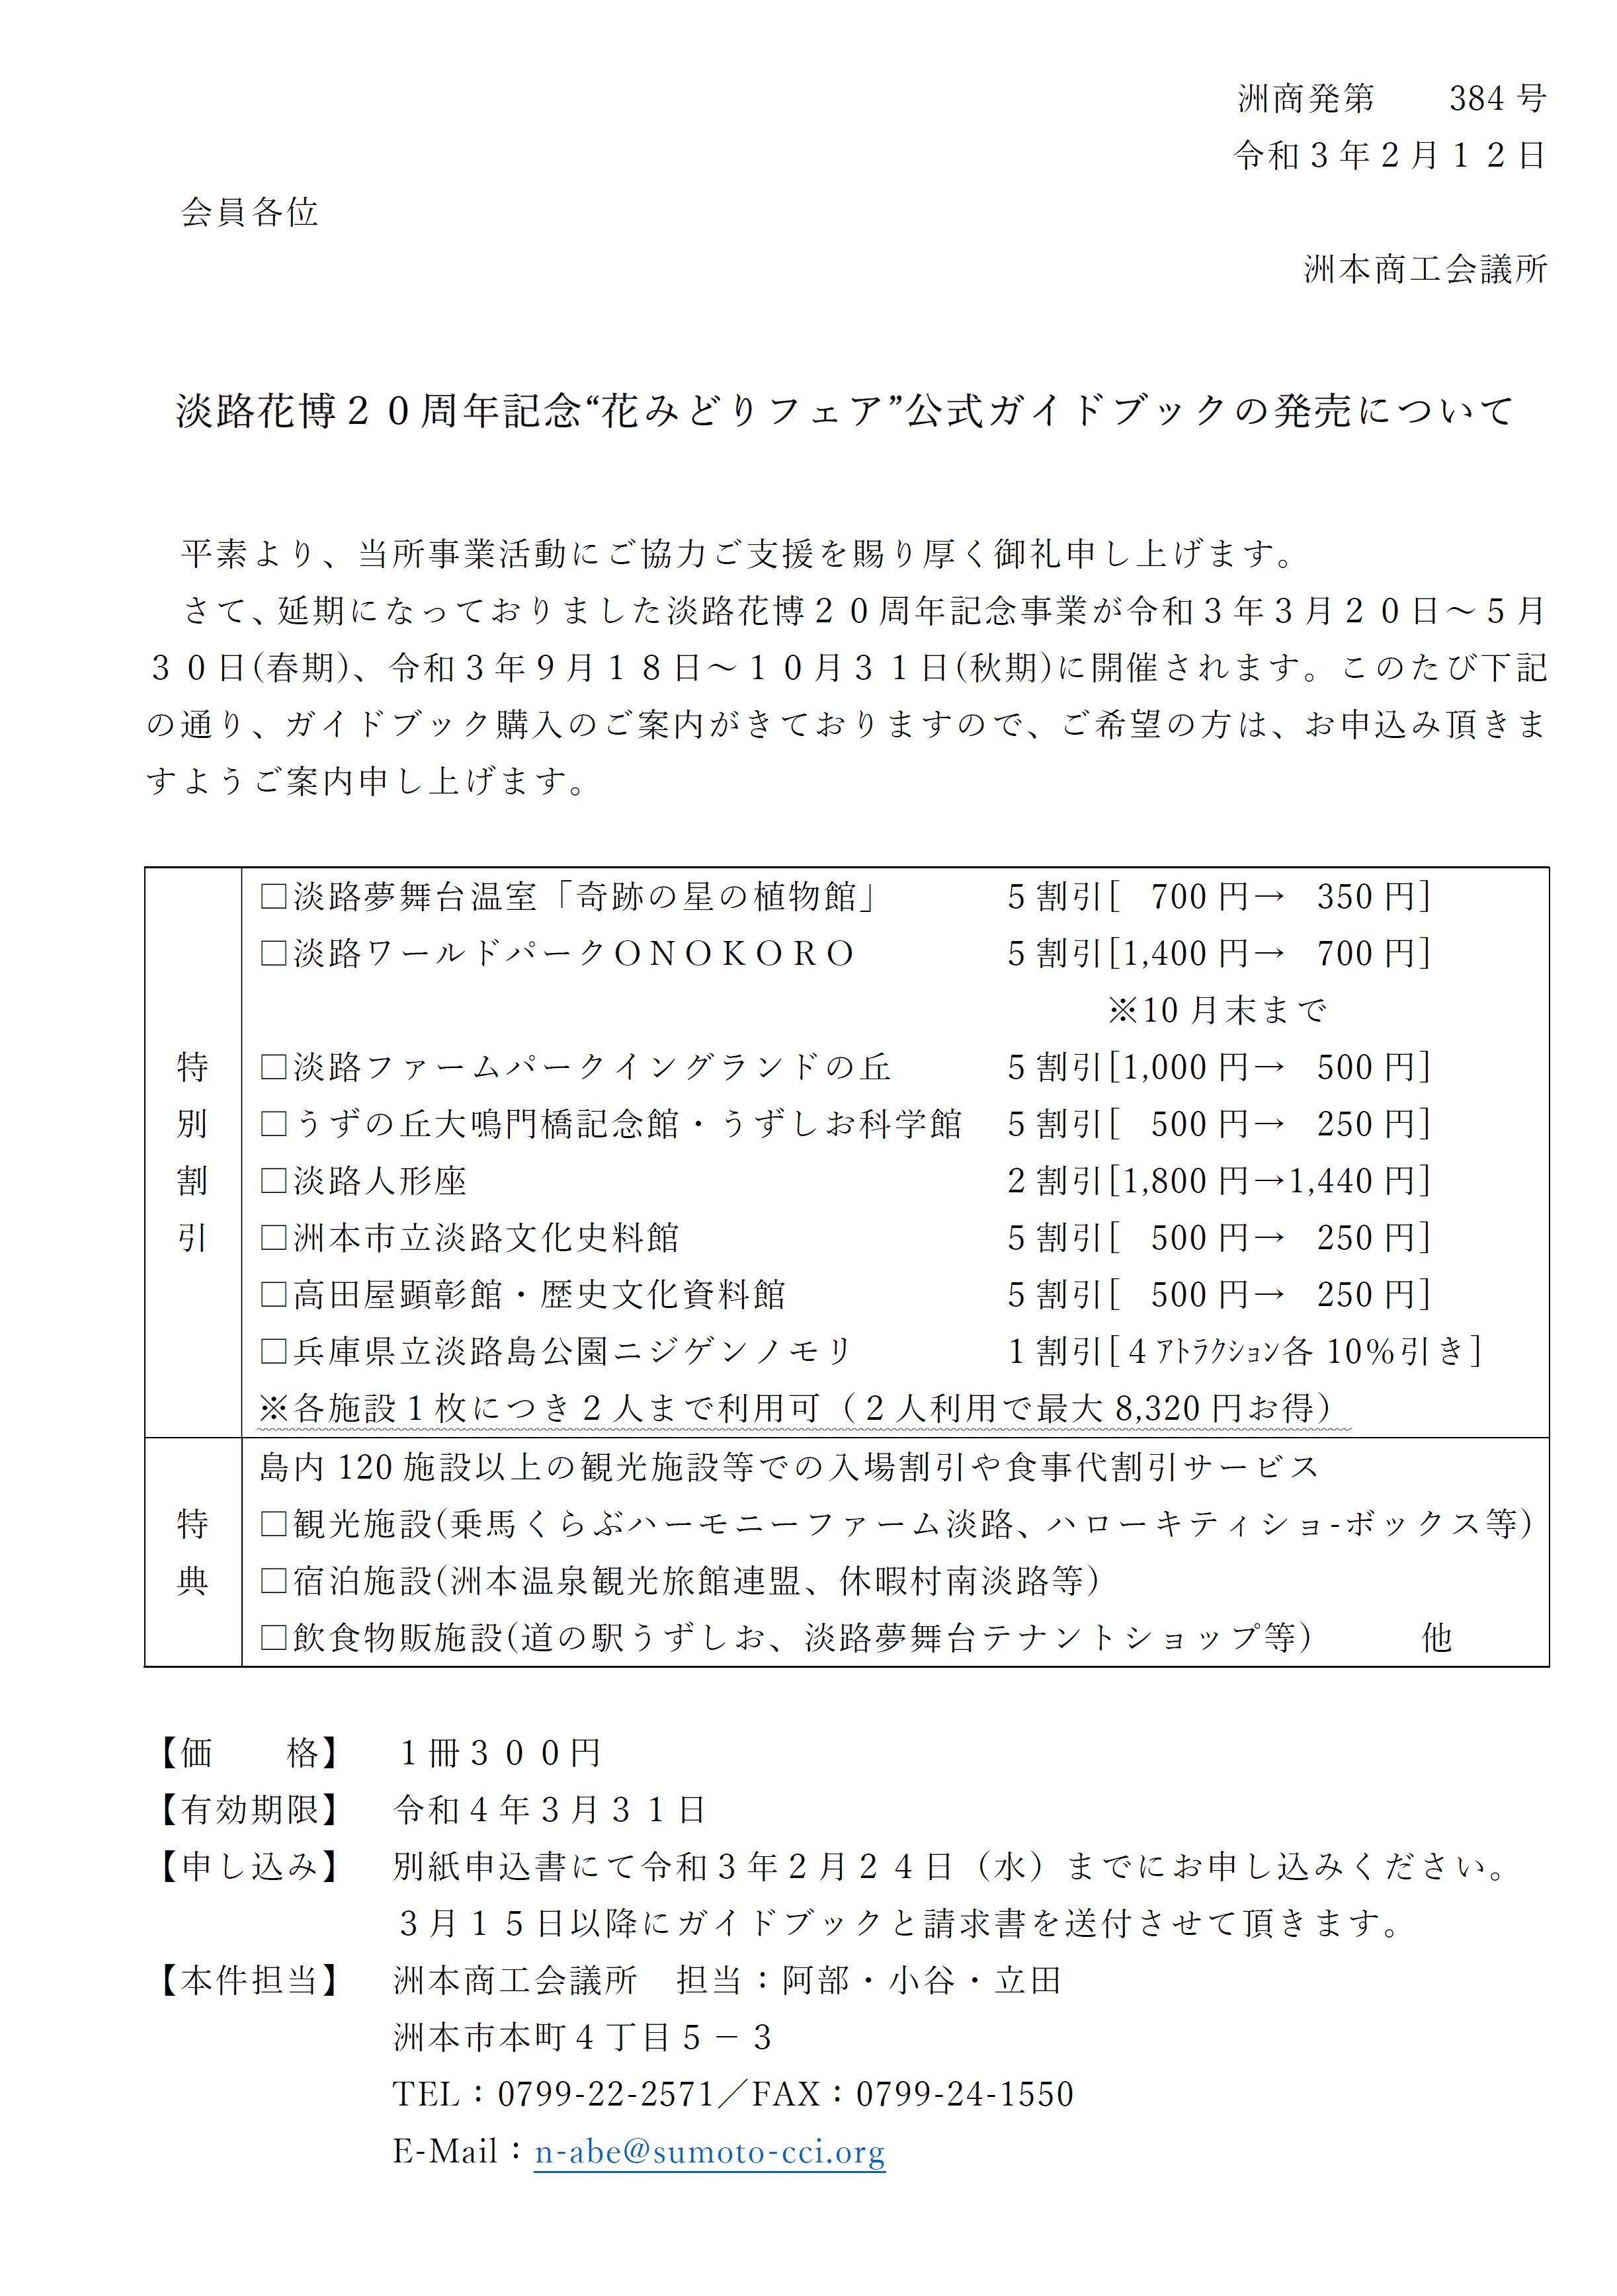 """淡路花博20周年記念""""花みどりフェア""""公式ガイドブックの発売について"""